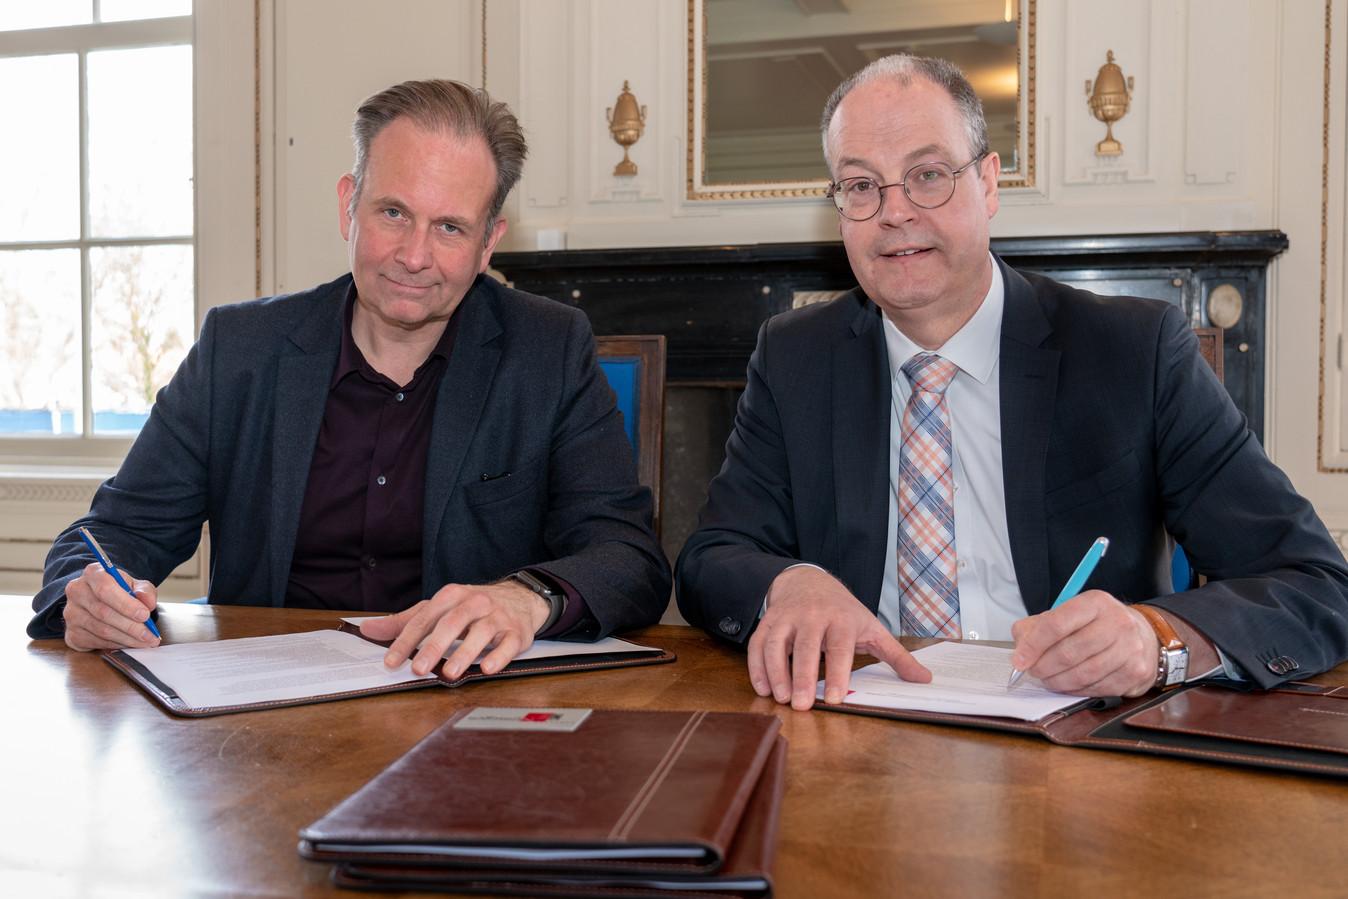 Wethouder Noël Vergunst van Nijmegen (links) en wethouder Johan Sluiter van Lingewaard tekenen de samenwerkingsovereenkomst over de aanleg van de Dorpensingel.